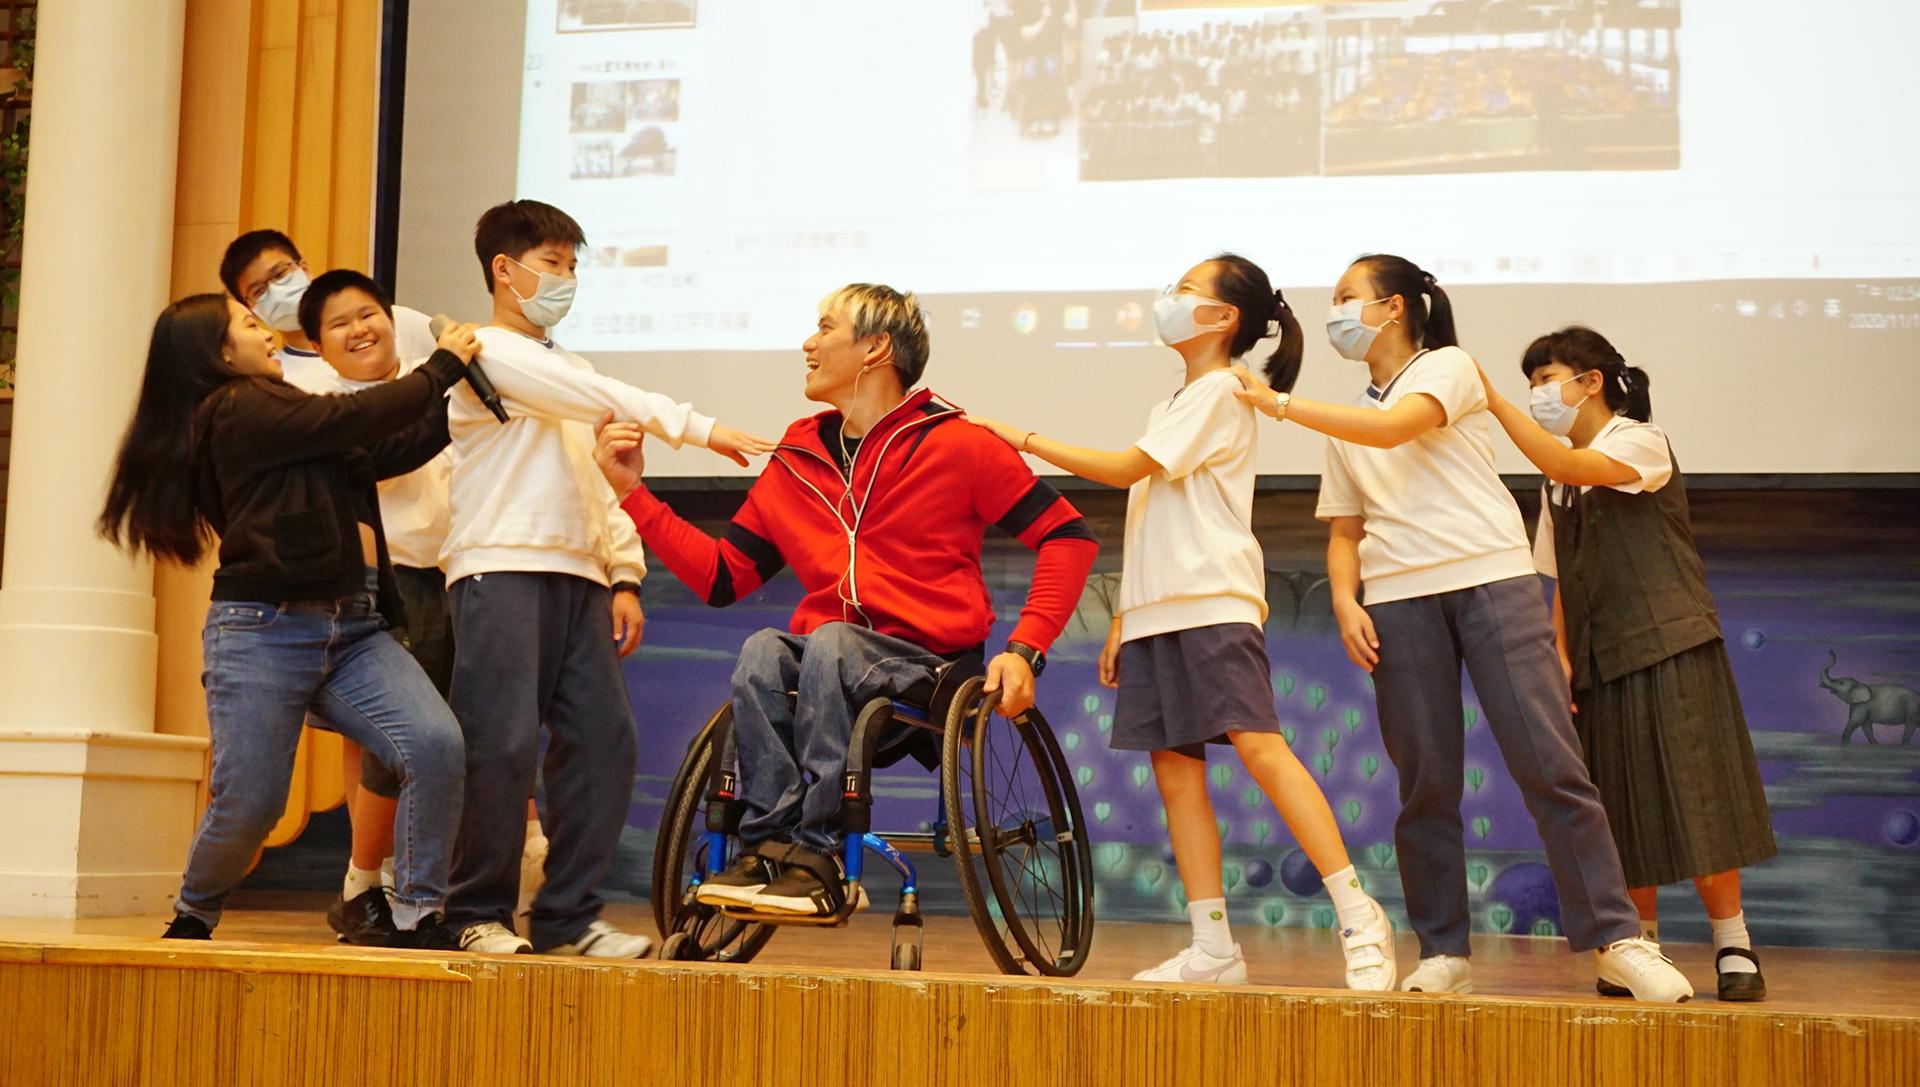 鄭自強先生邀請學生們上台共舞。